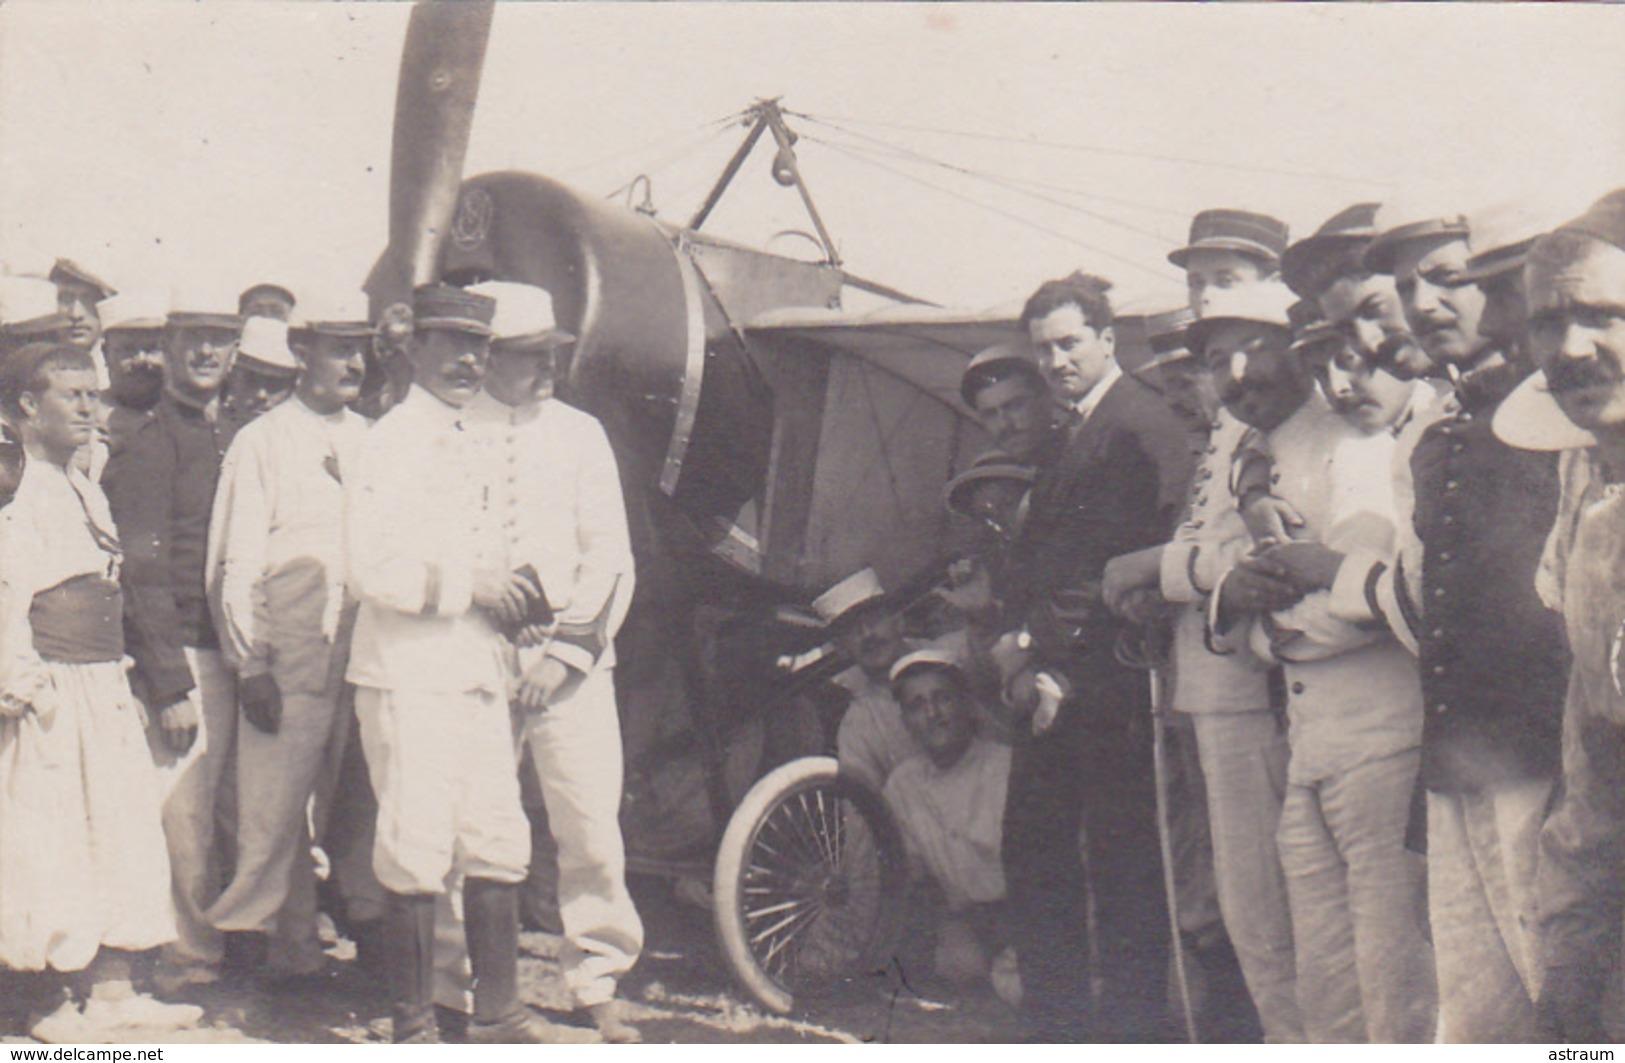 Cpa /carte Photo-aviation- Roland Garros Arrivant A Bizerte (tunisie) Le 23 Septembre 1913 -parfait état - Aviateurs